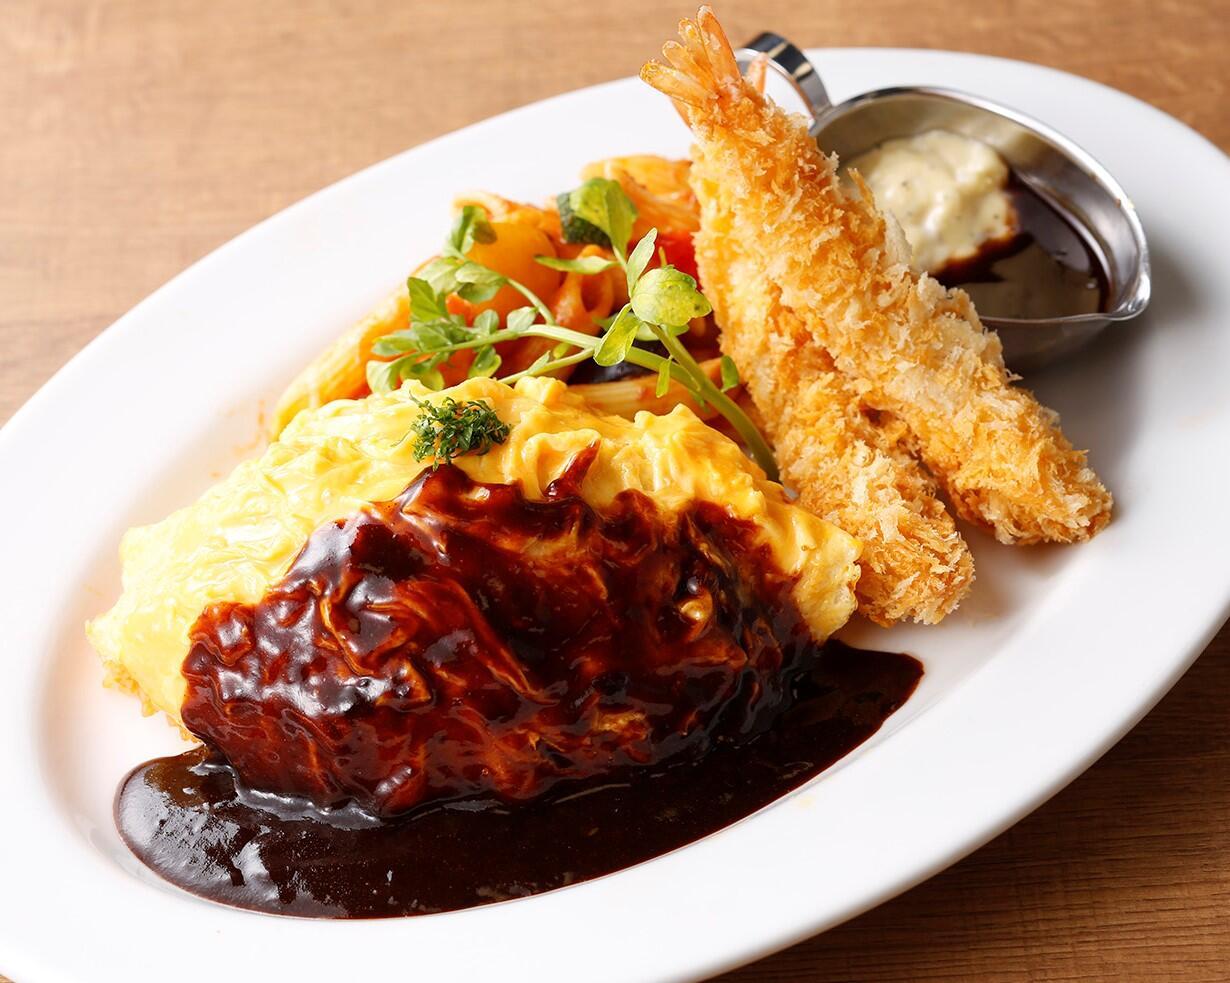 銀座ライオンLEOディナープレート(オムライス&エビフライ)<スープ・サラダセット> サラダ/スープ付き